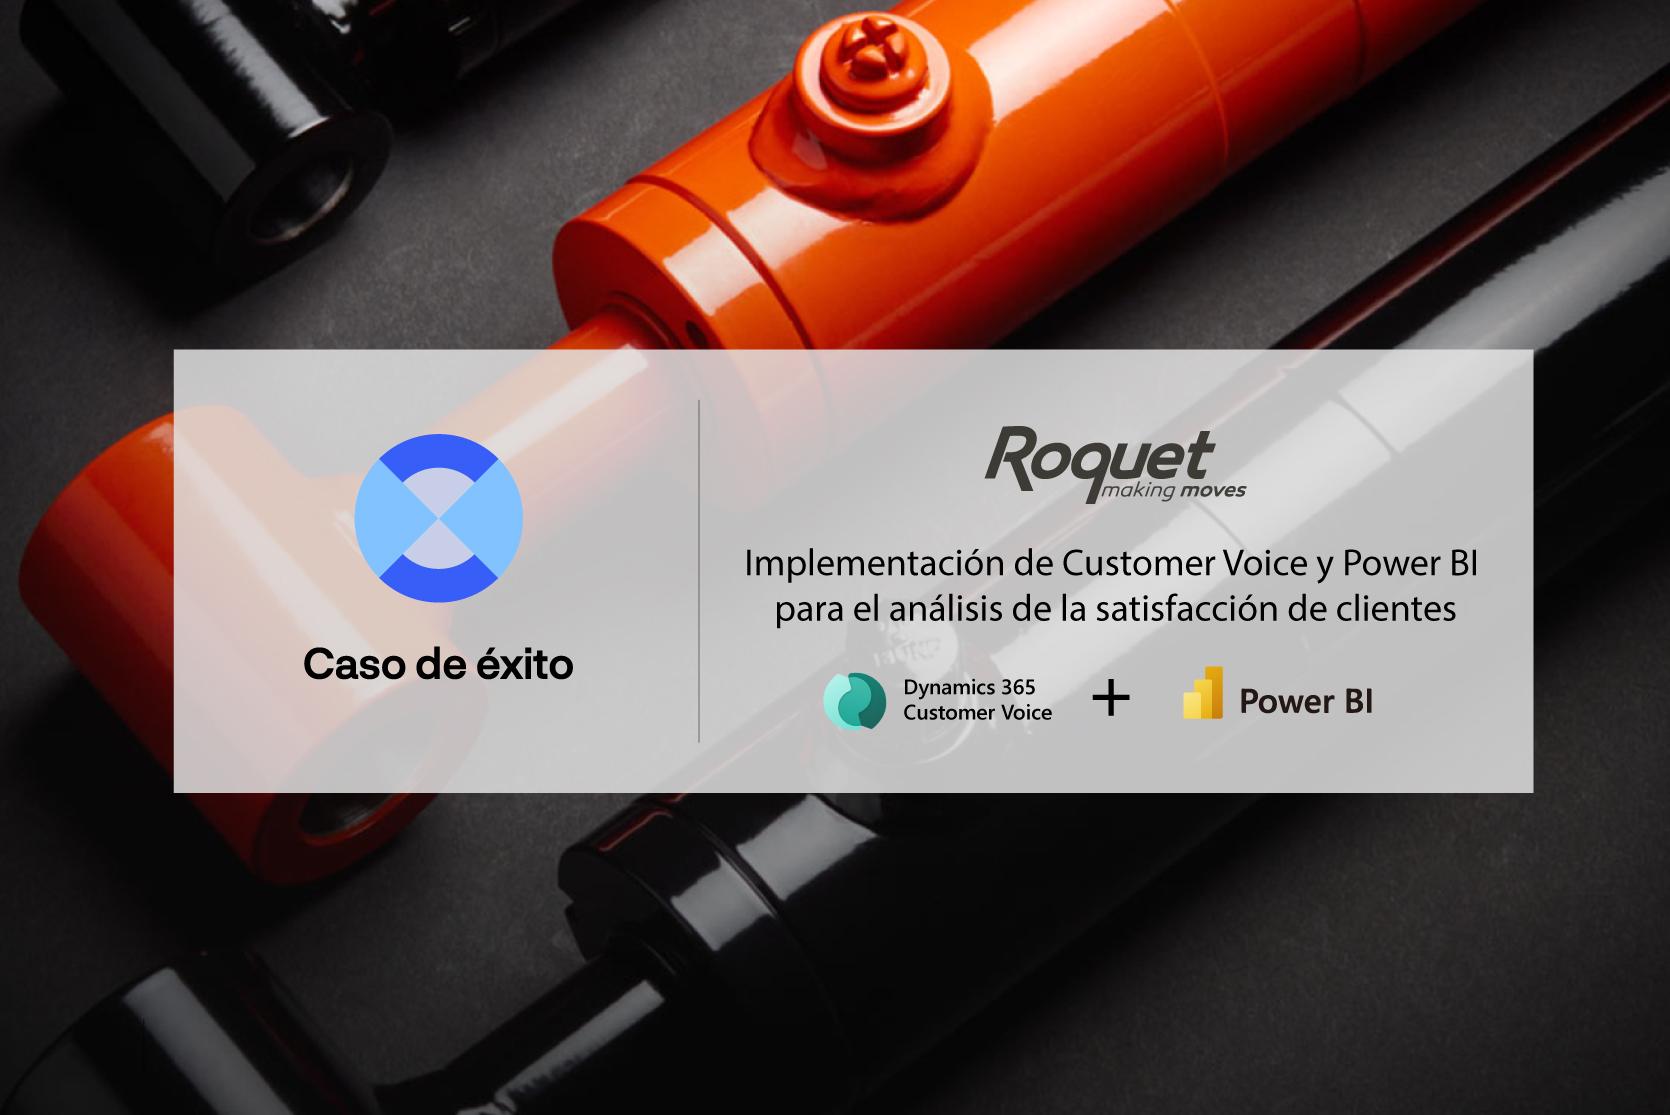 Caso de éxito de Rocket Hydraulics en la integración de Customer Voice y Power BI